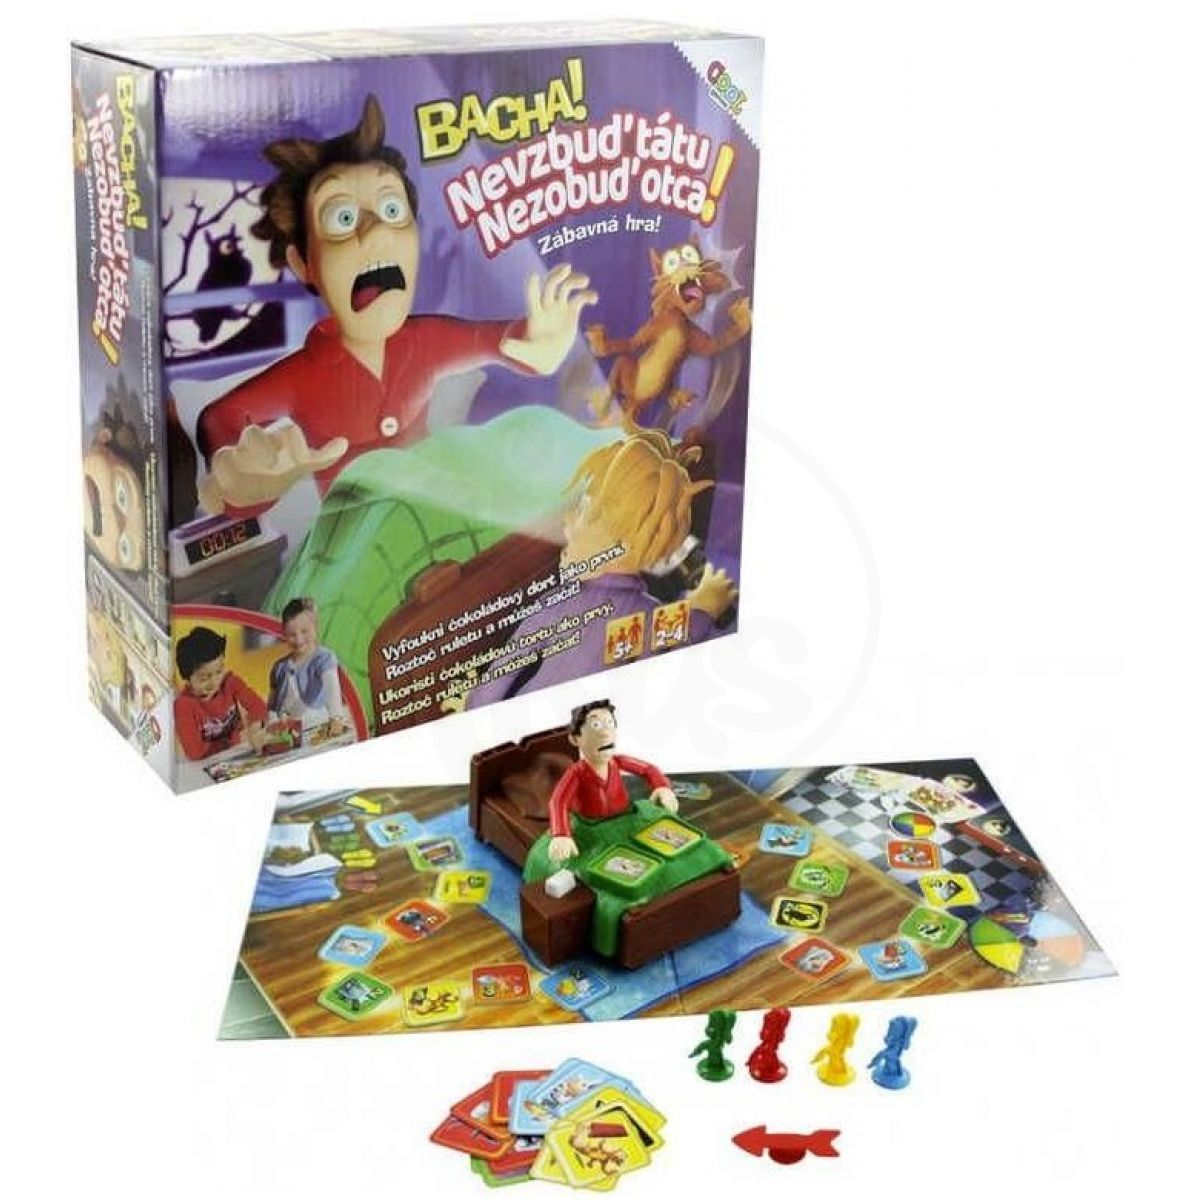 EP Line Cool Games Bacha, nevzbuď tátu